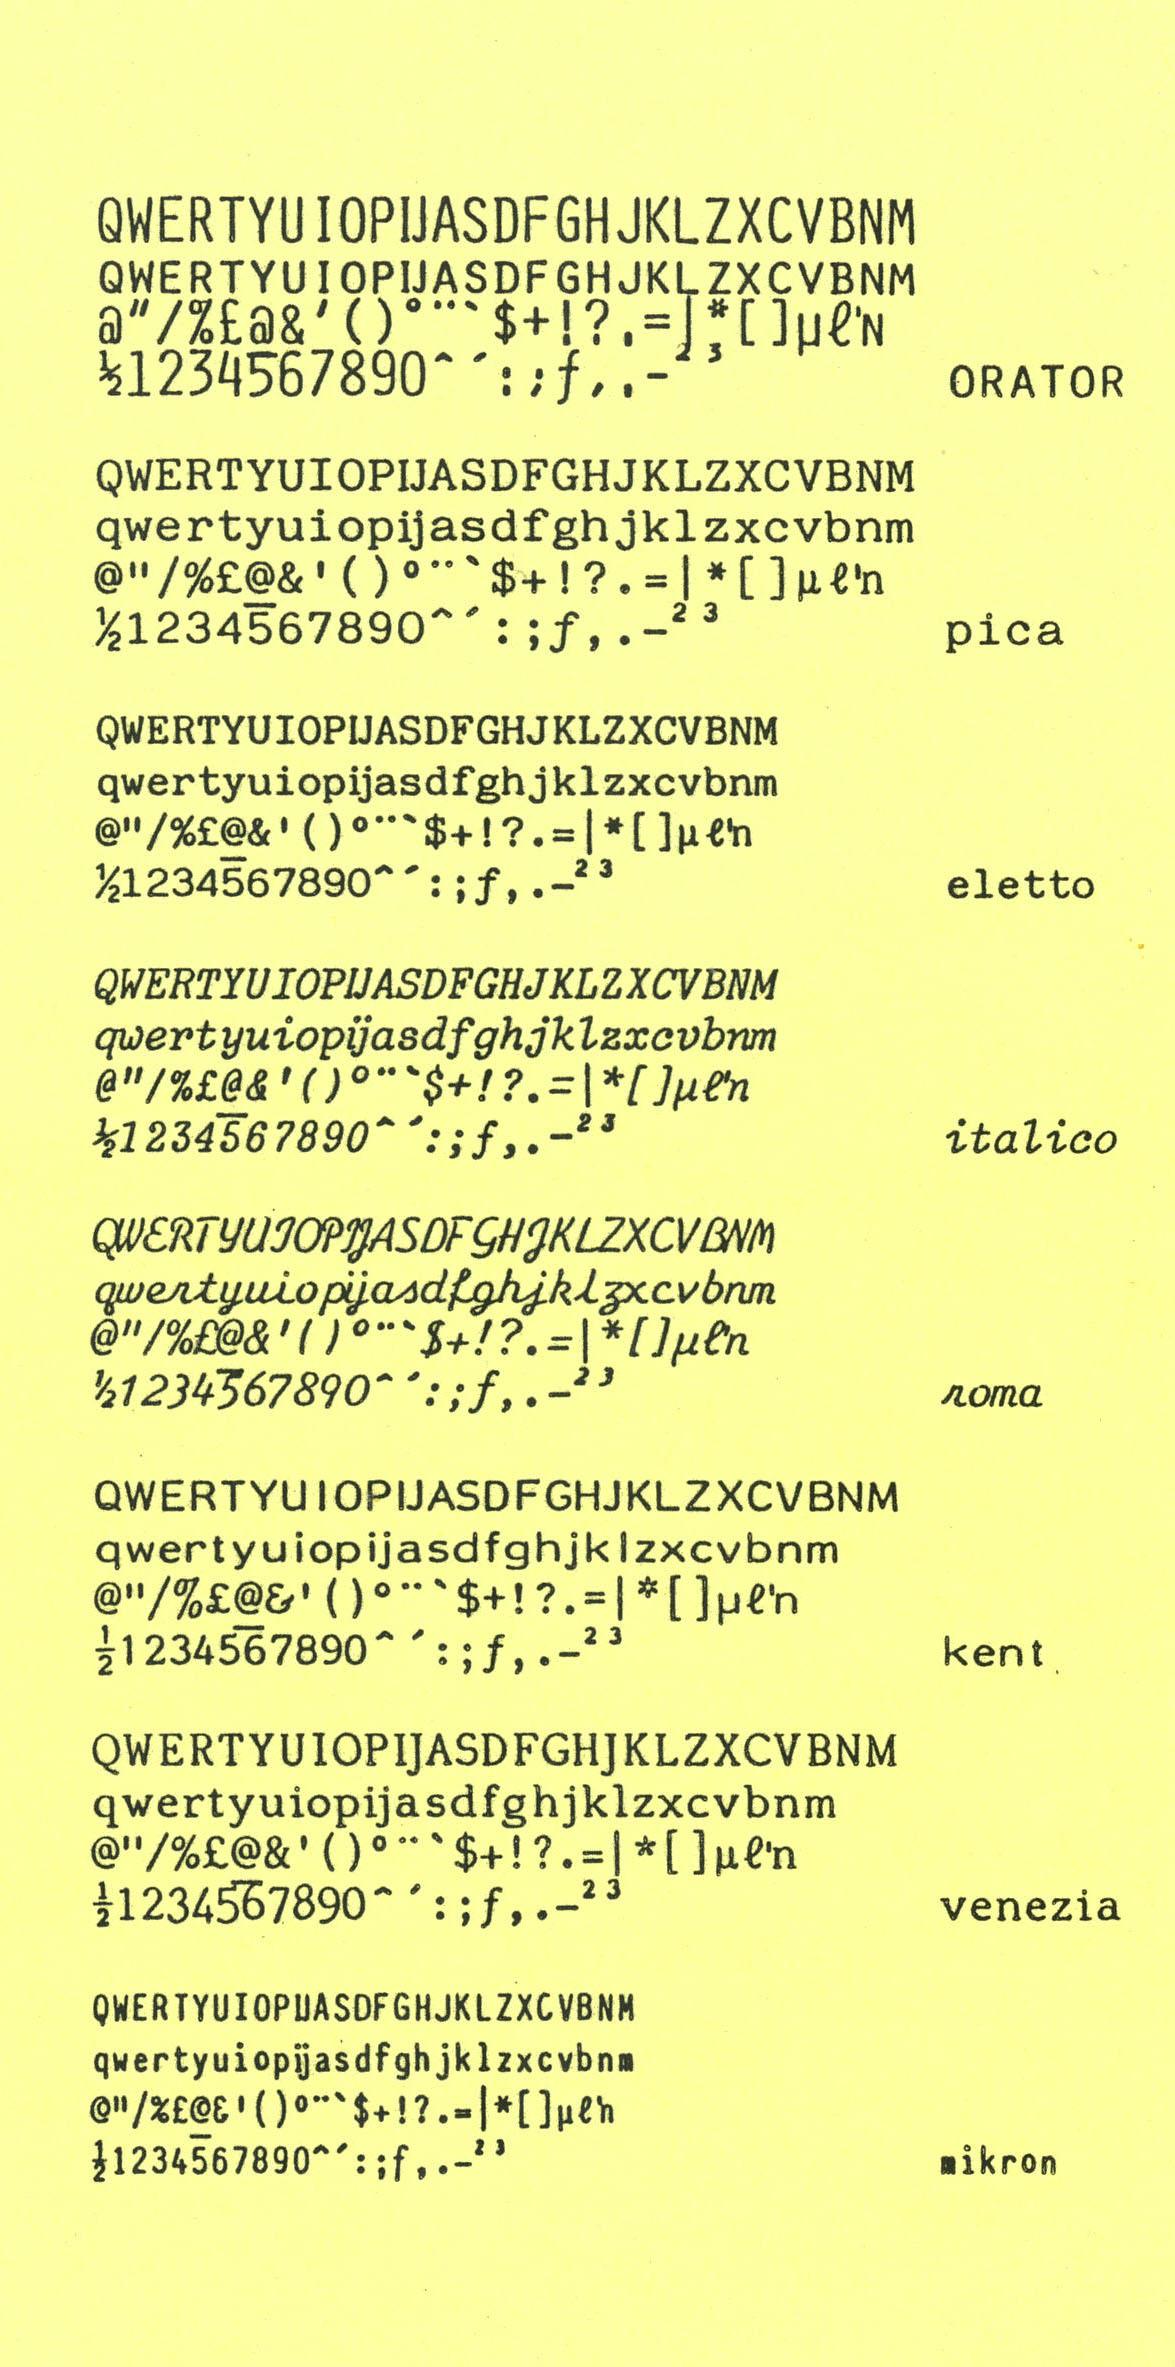 Typen: Olivetti 221 lettertypes